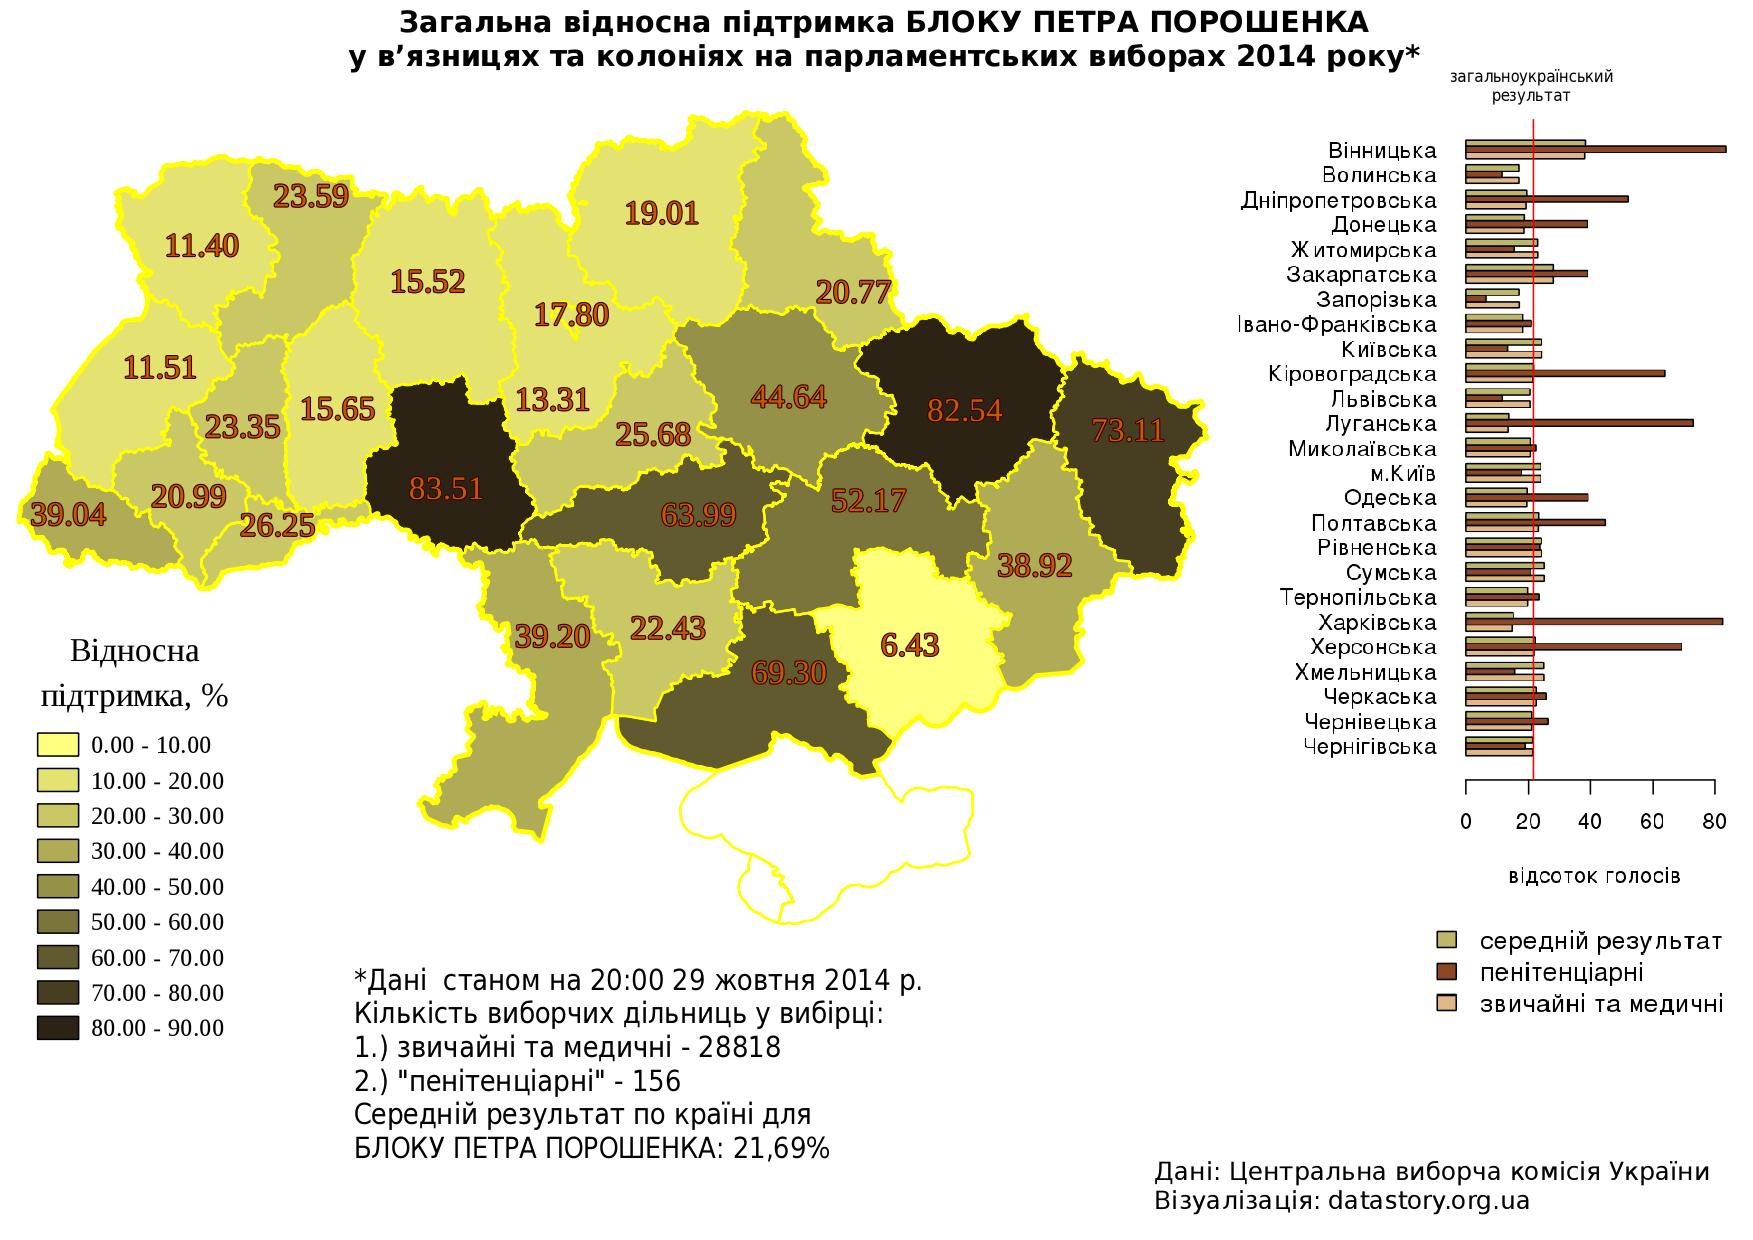 Середня підтримка БЛОКУ ПЕТРА ПОРОШЕНКА на виборчих дільницях пенітенціарної системи